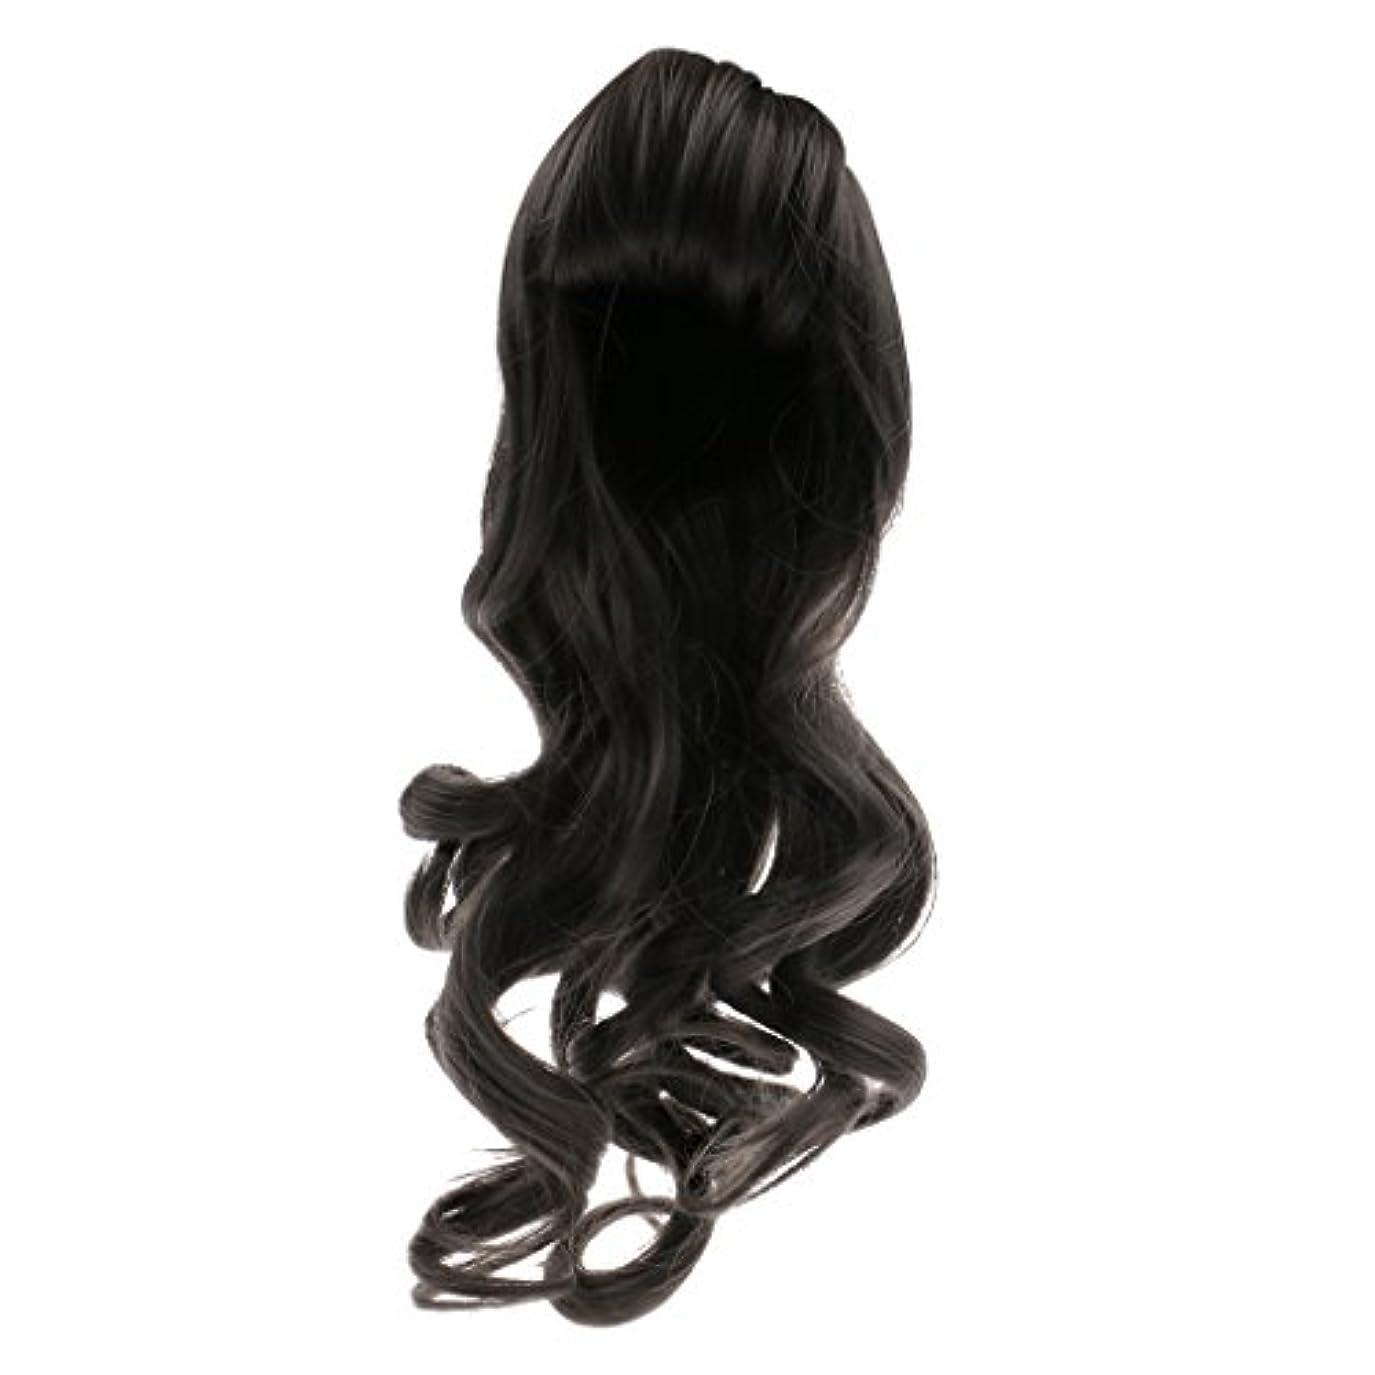 バッグ熱心なモーション人形用 ドールウィッグ かつら 巻き毛 波状髪 セクシー 前髪 ブライス人形適用 全6色選べ  - #1